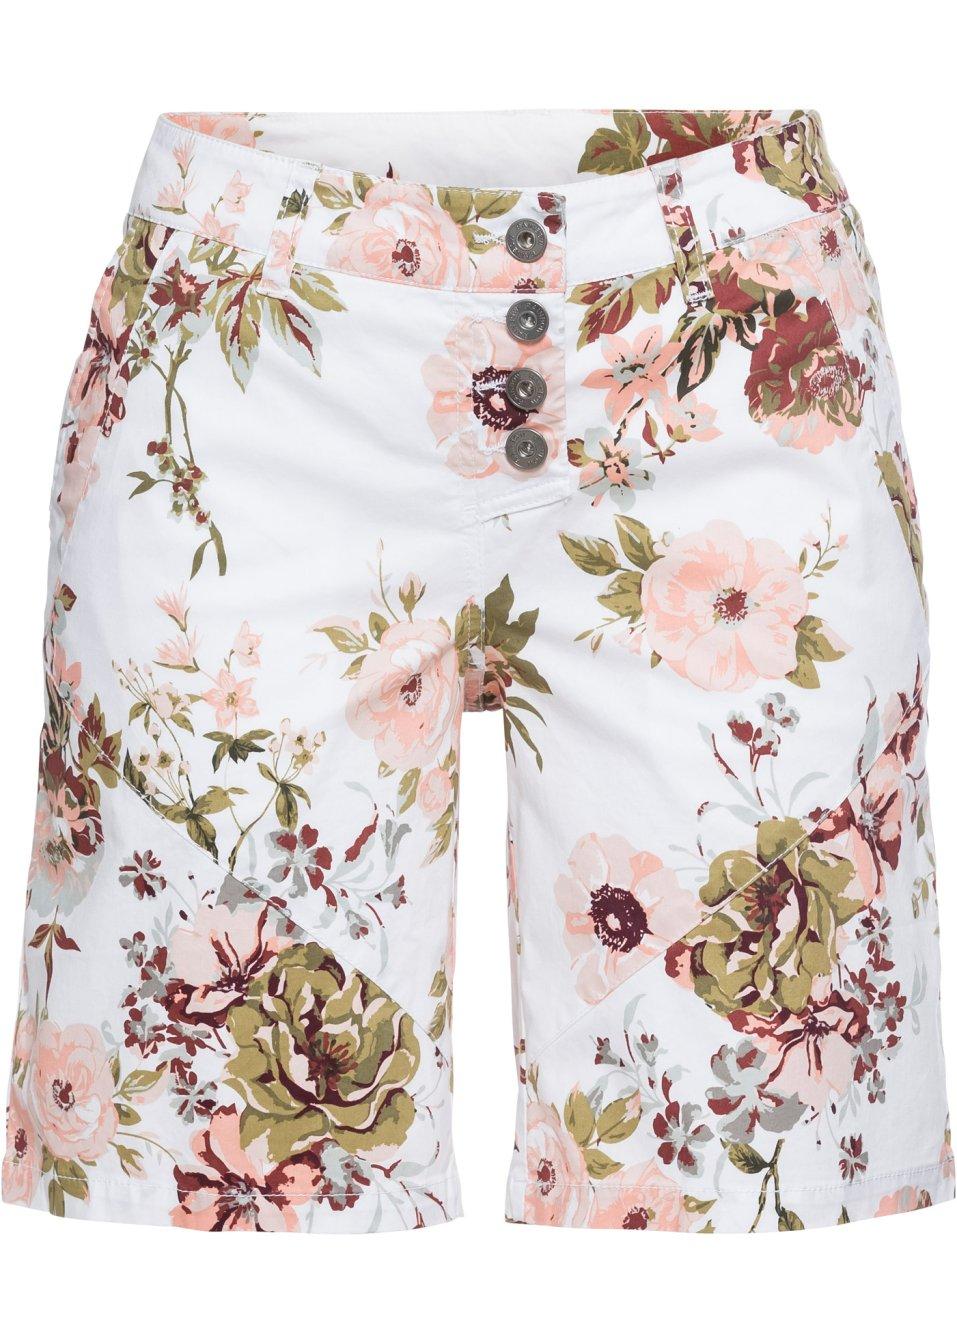 Shorts mit Knopfleiste weiß bedruckt - RAINBOW online bestellen - bonprix.de HD5Yr 8x9GV